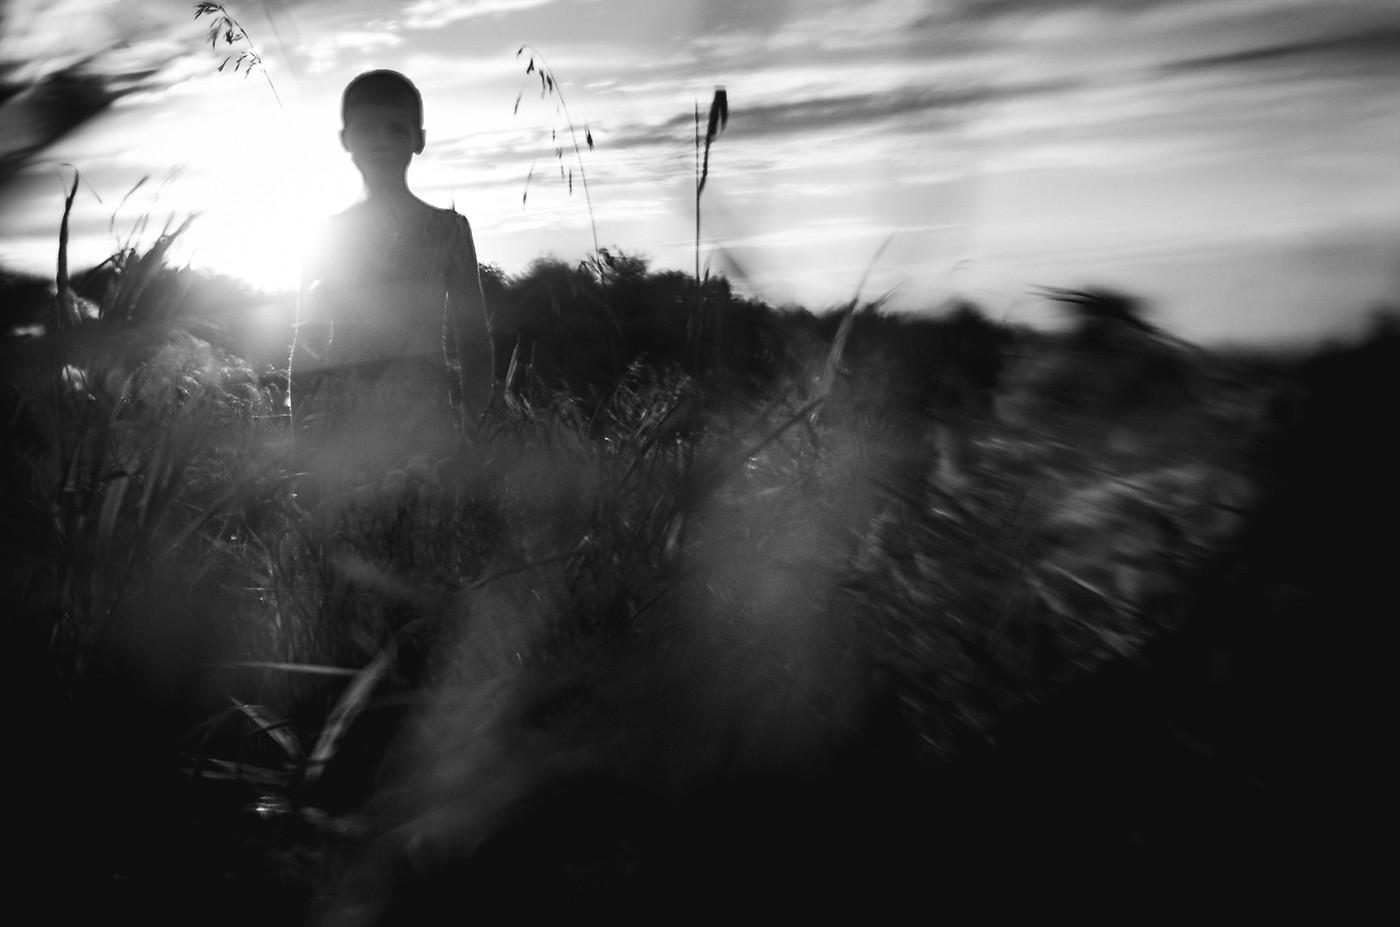 Boy in the Field by Kelly Jacobi